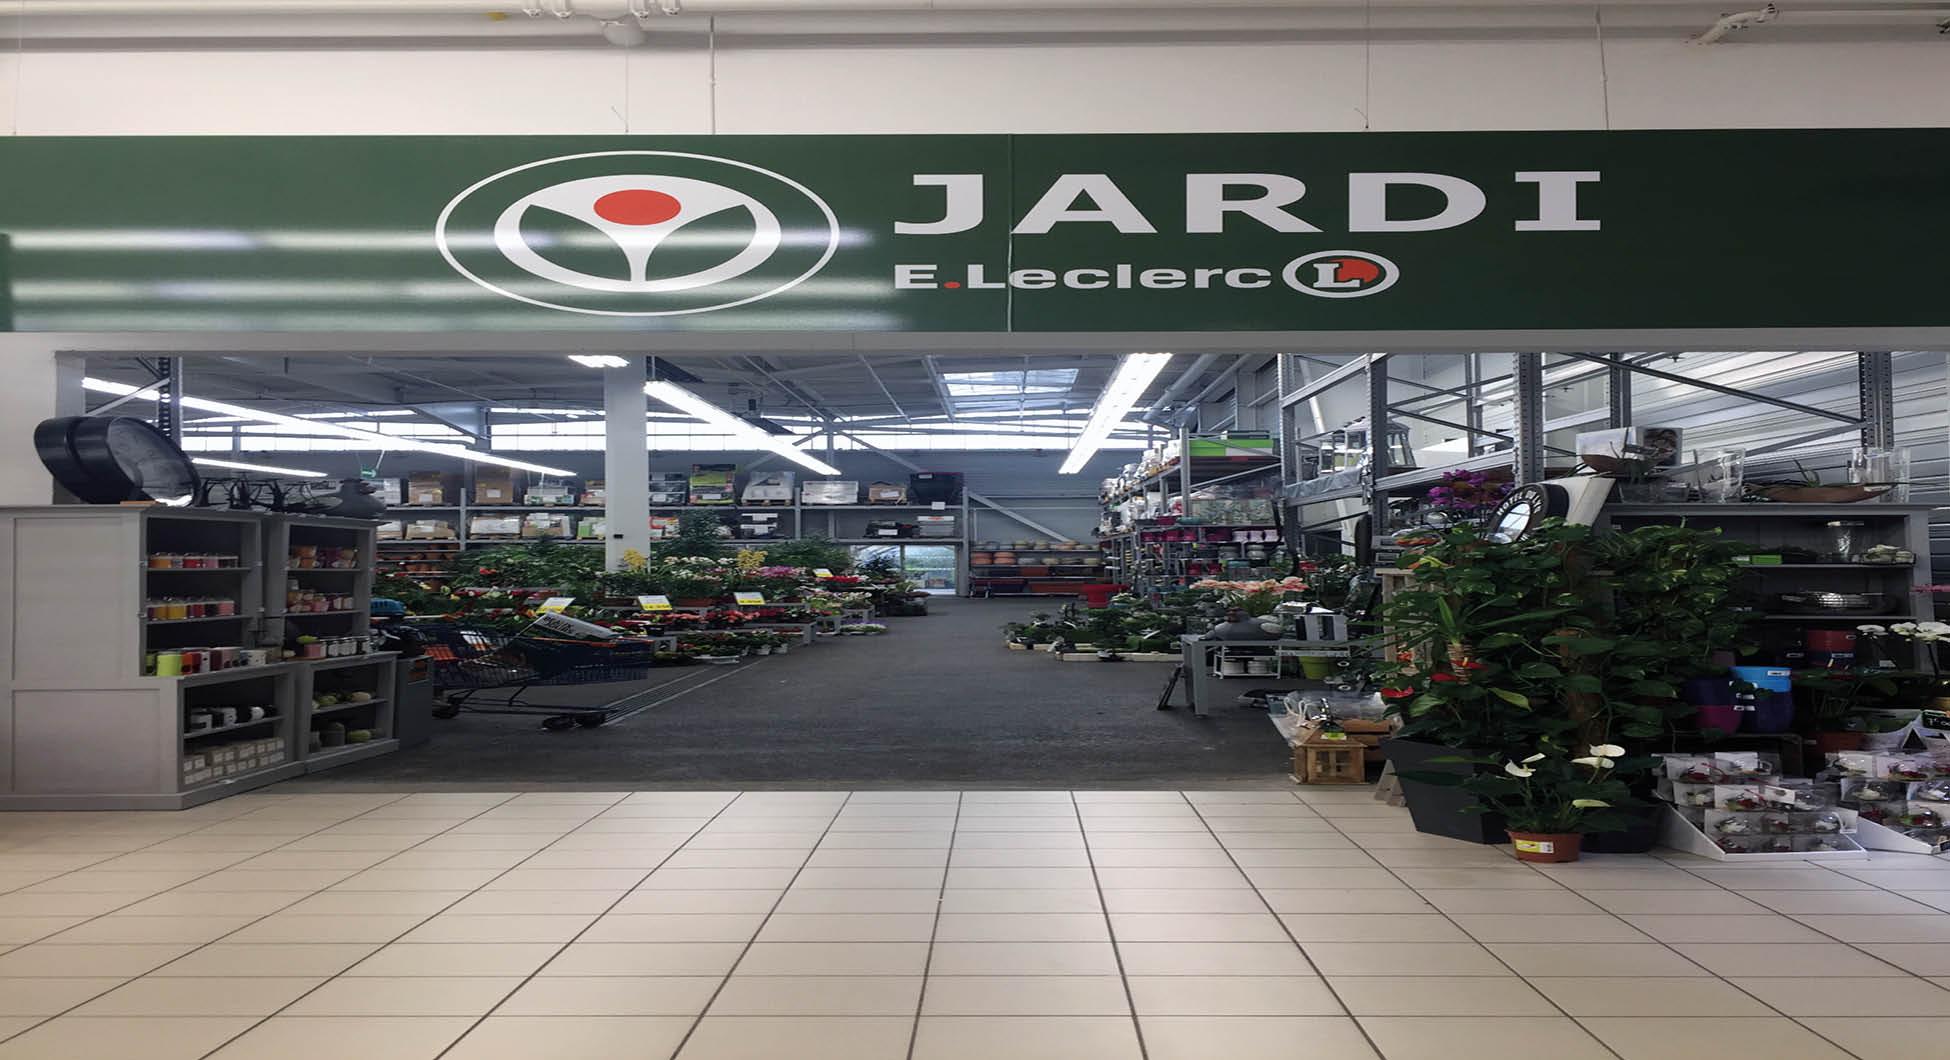 E.leclerc Rochefort Sur Mer - Rochefort - Jardi pour Tondeuse Leclerc Jardin